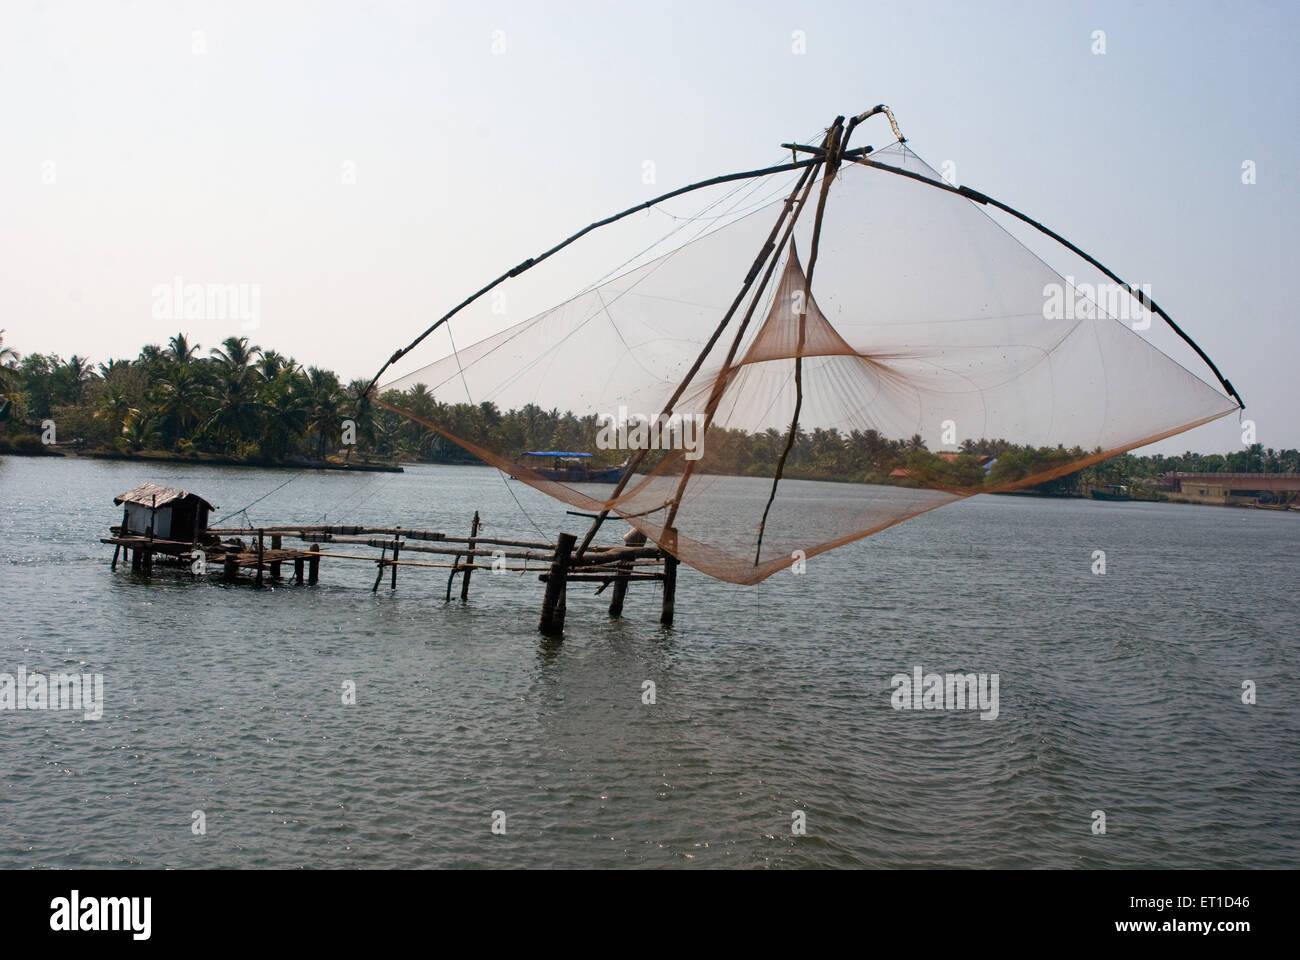 Rete cinese nel fiume ashtamudi ; Quilon ; Alleppey ; Kerala ; India Immagini Stock